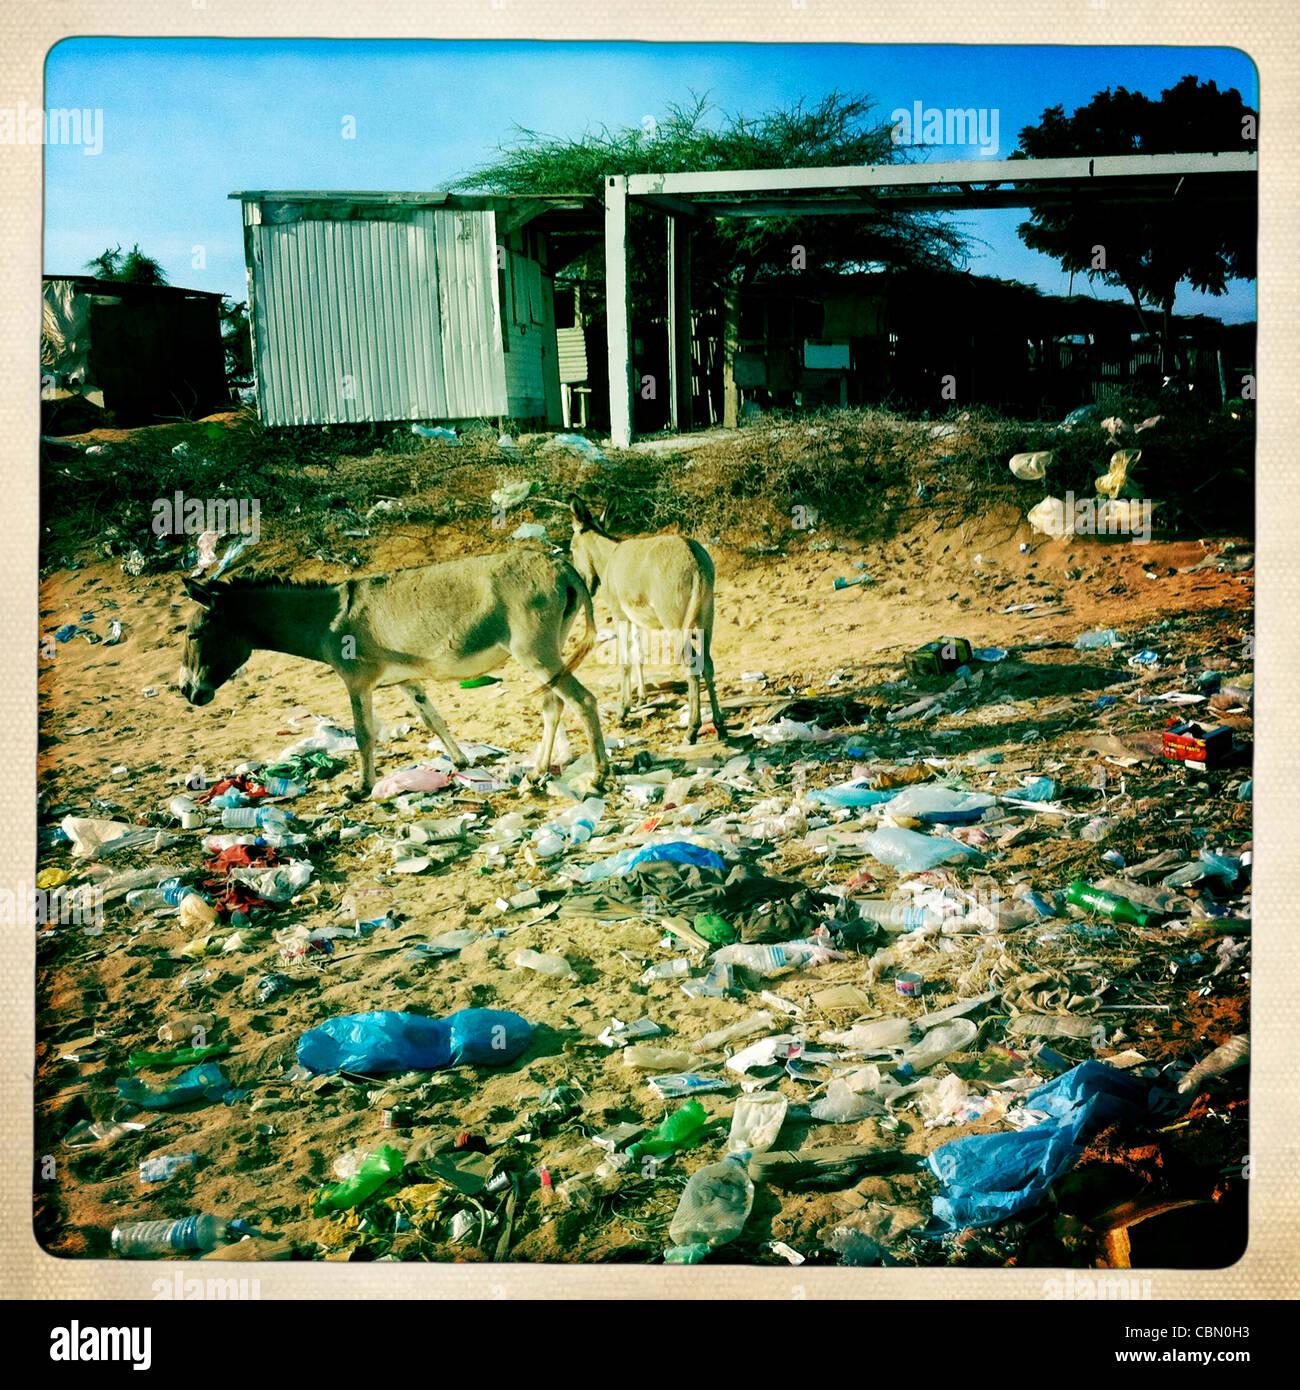 Mules Wandering Among Wasteland In Zeila Somaliland - Stock Image